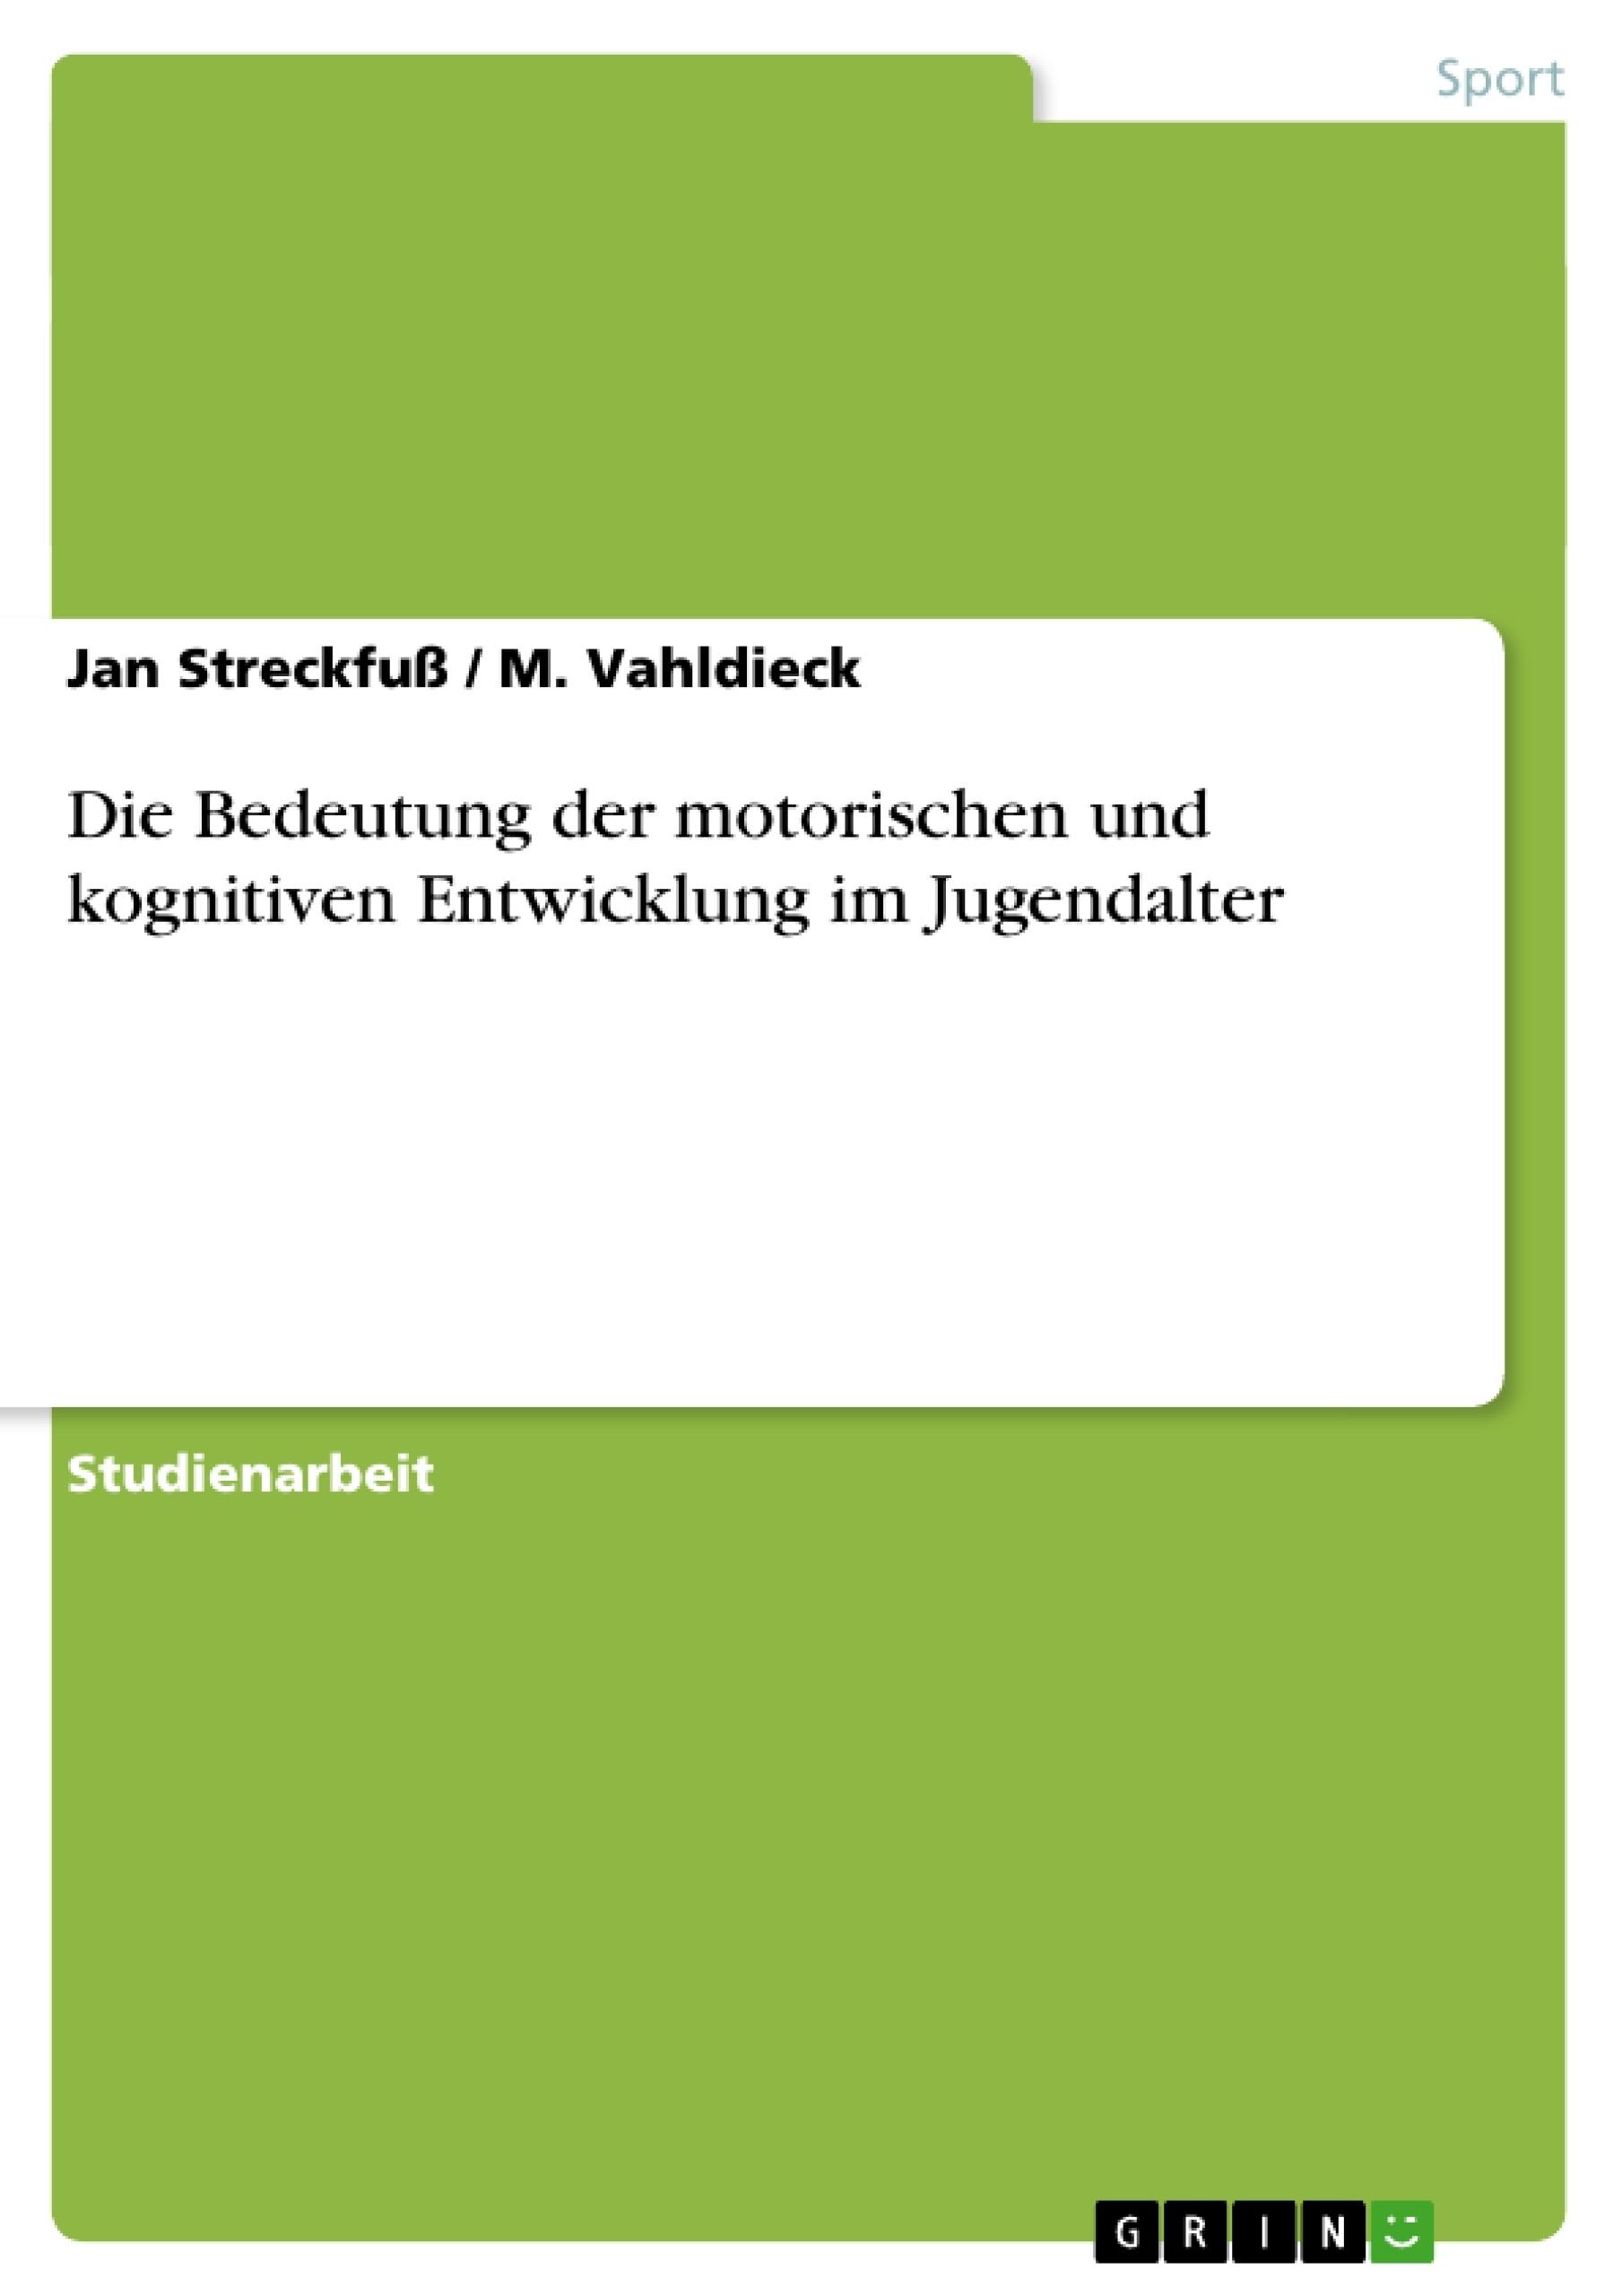 Titel: Die Bedeutung der motorischen und kognitiven Entwicklung im Jugendalter